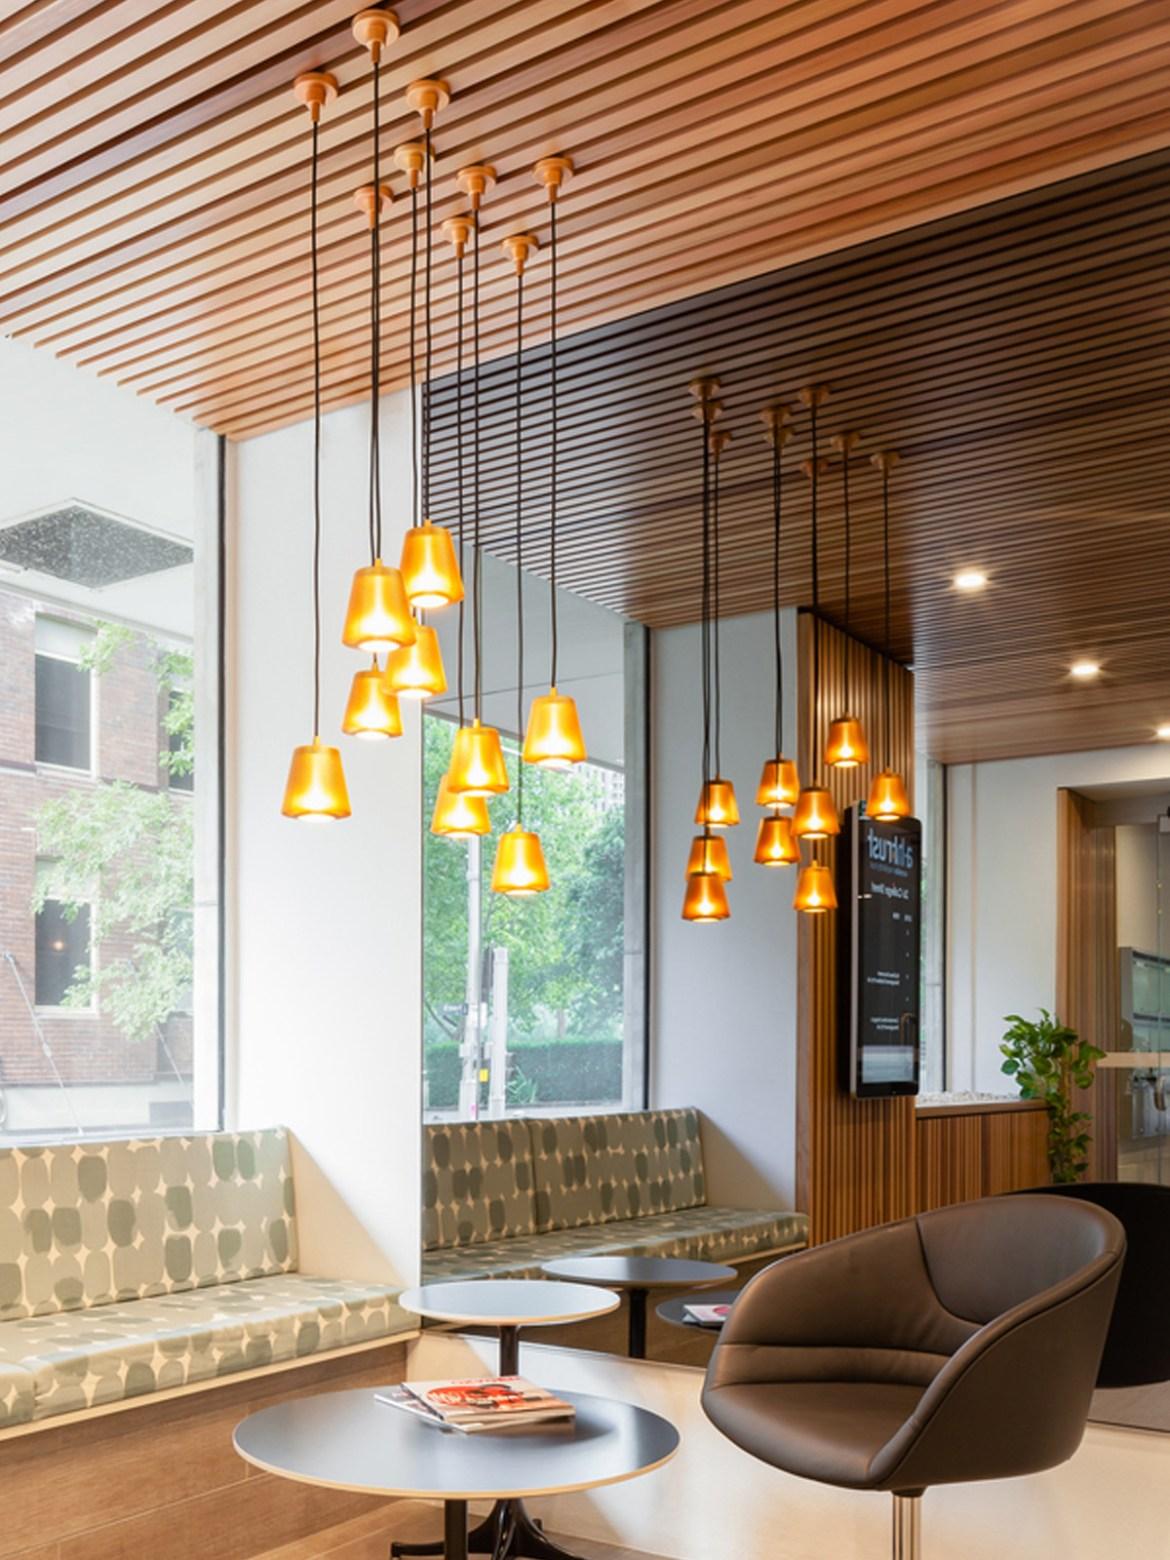 DesignOrt lampen Blog: Lampen & Leuchten für das Gastgewerbe von Innermost Bramah Pendelleuchte eoq